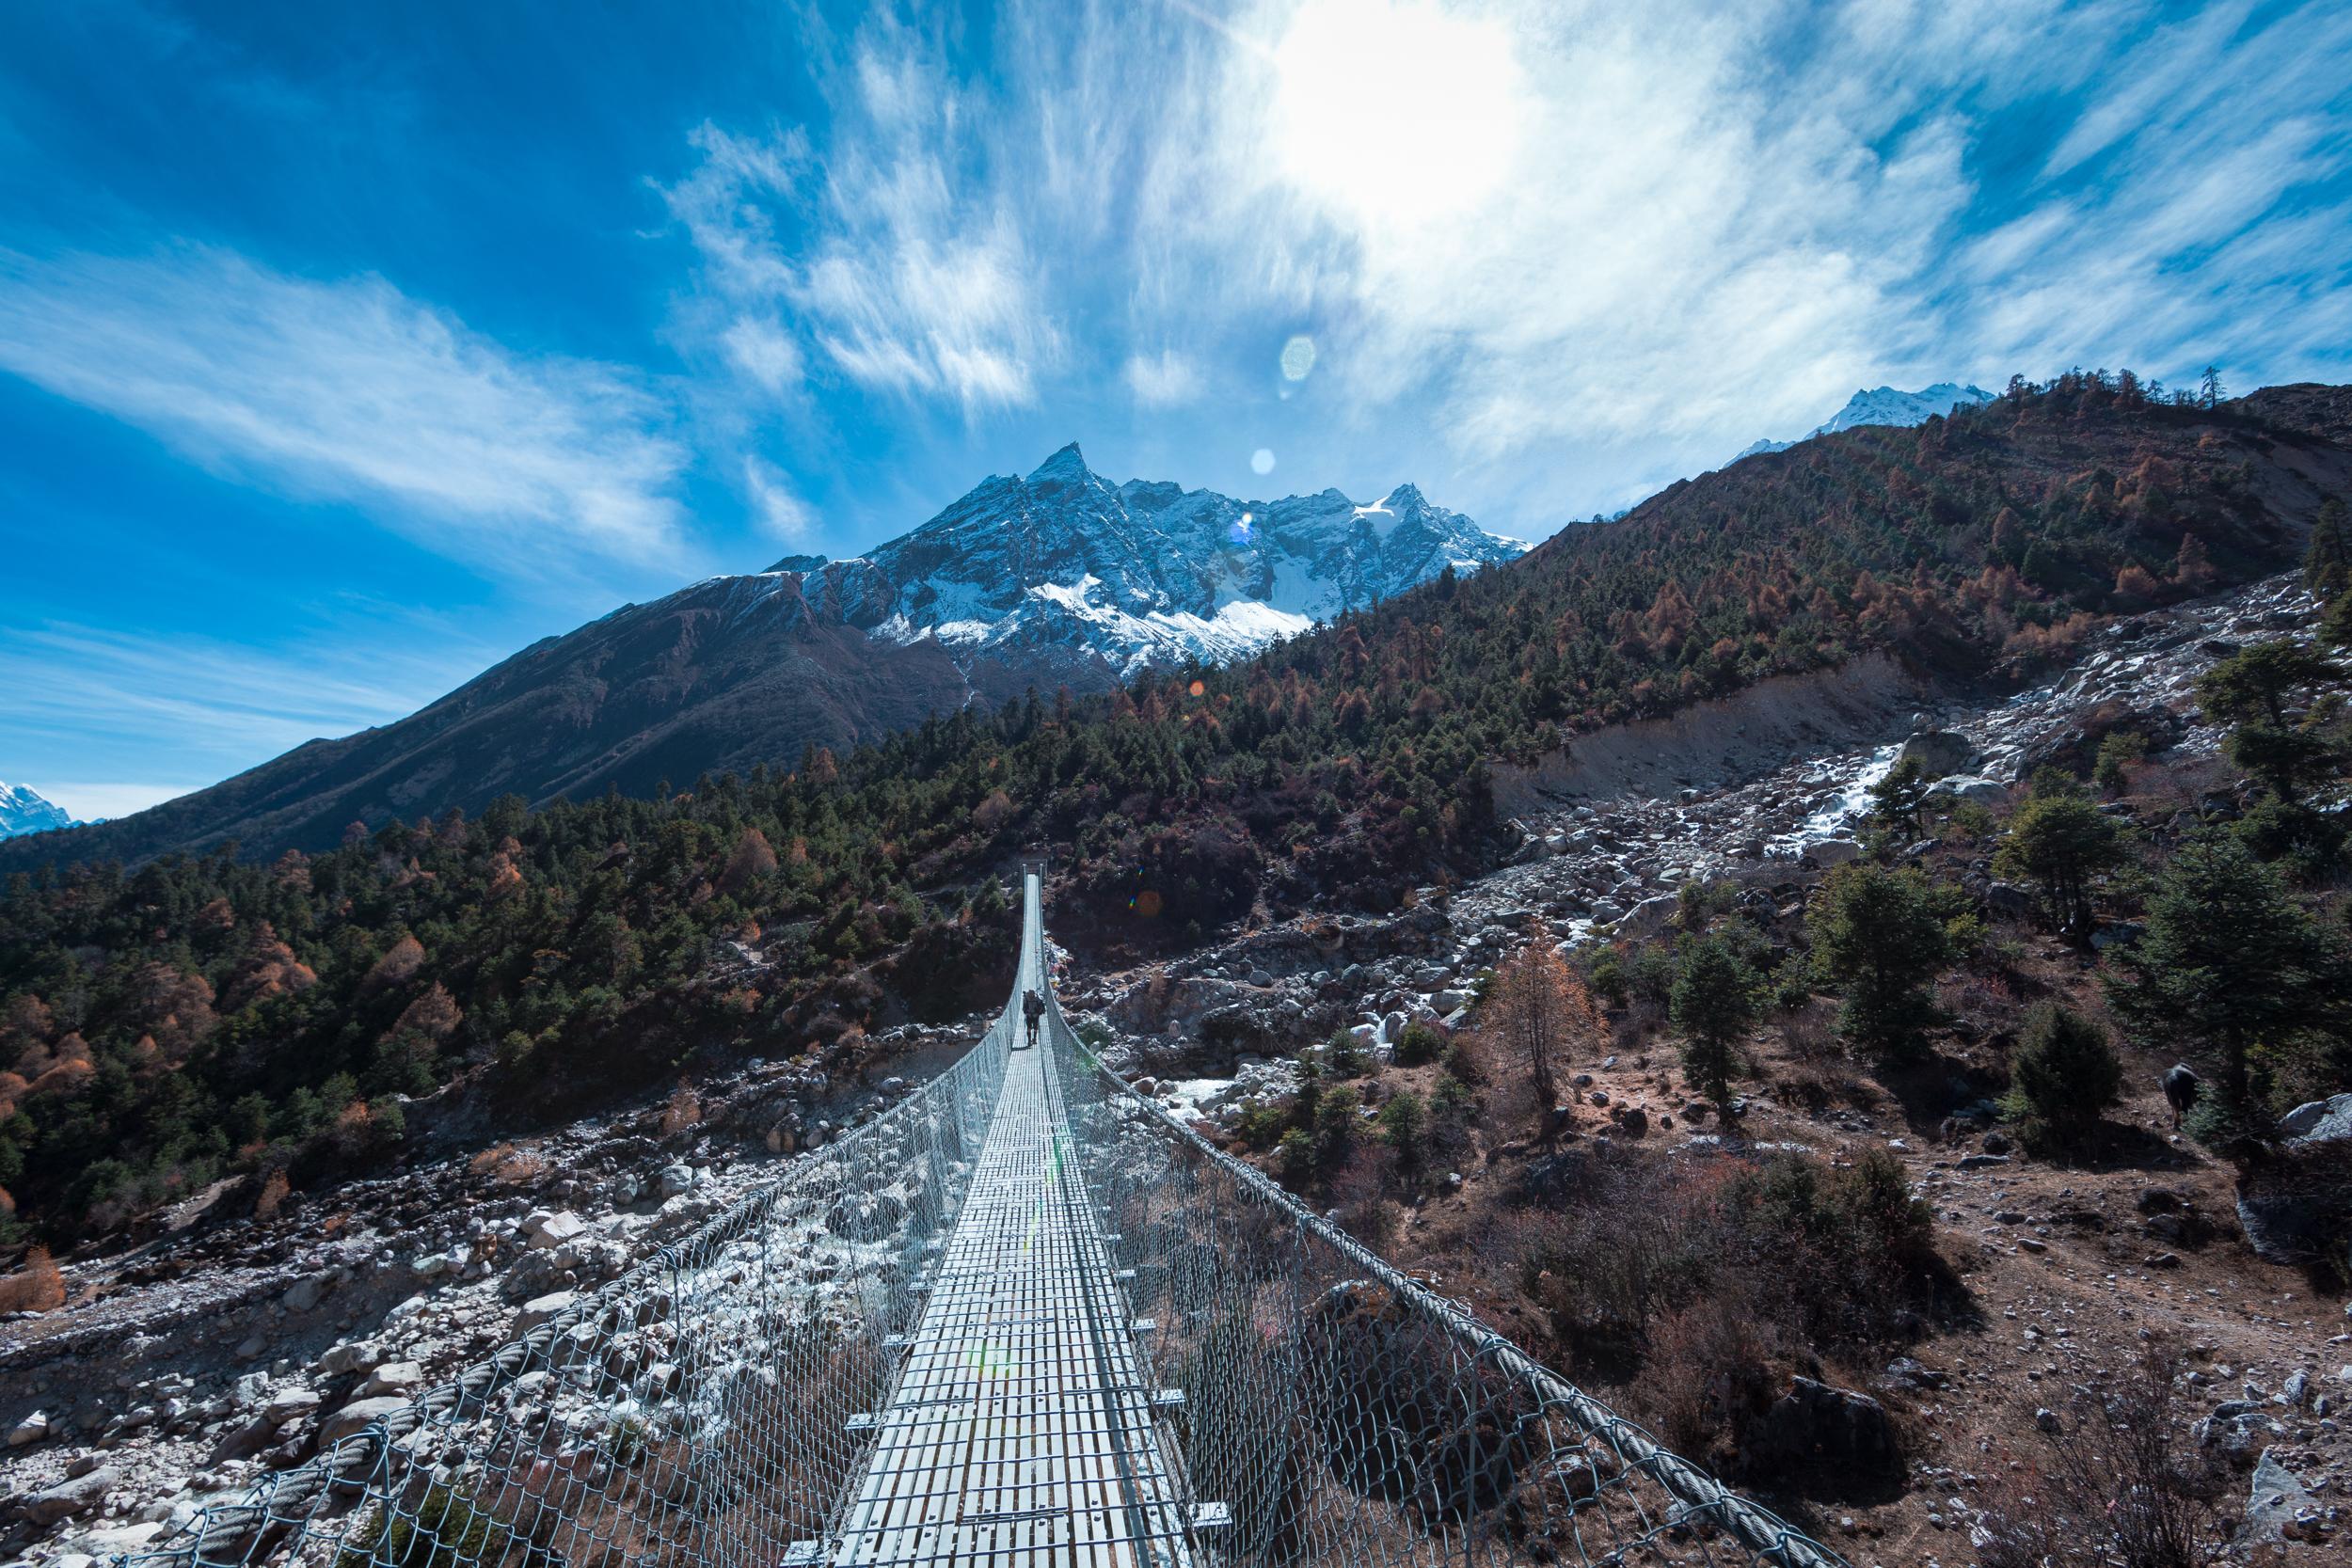 The glacial landscape across a long rope bridge.